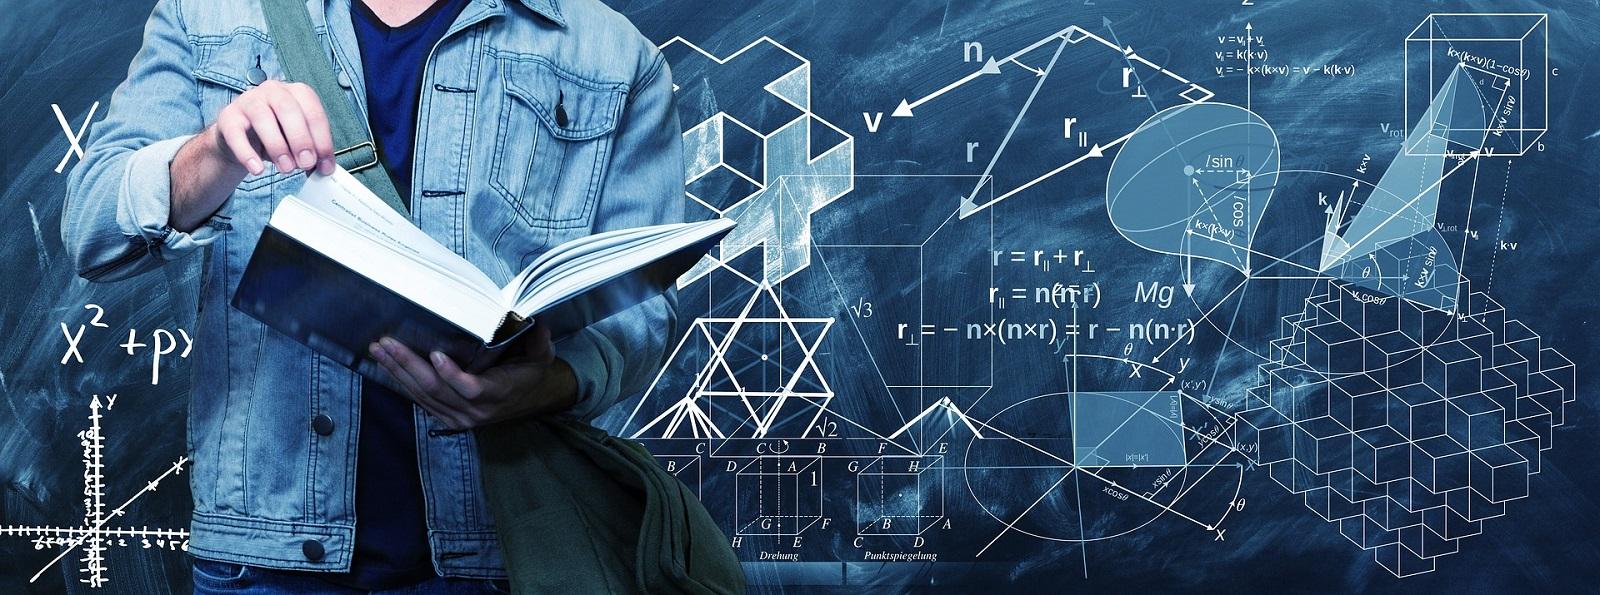 圣彼得堡国立大学本科专业《应用物理与数学》详细介绍!插图-小狮座俄罗斯留学